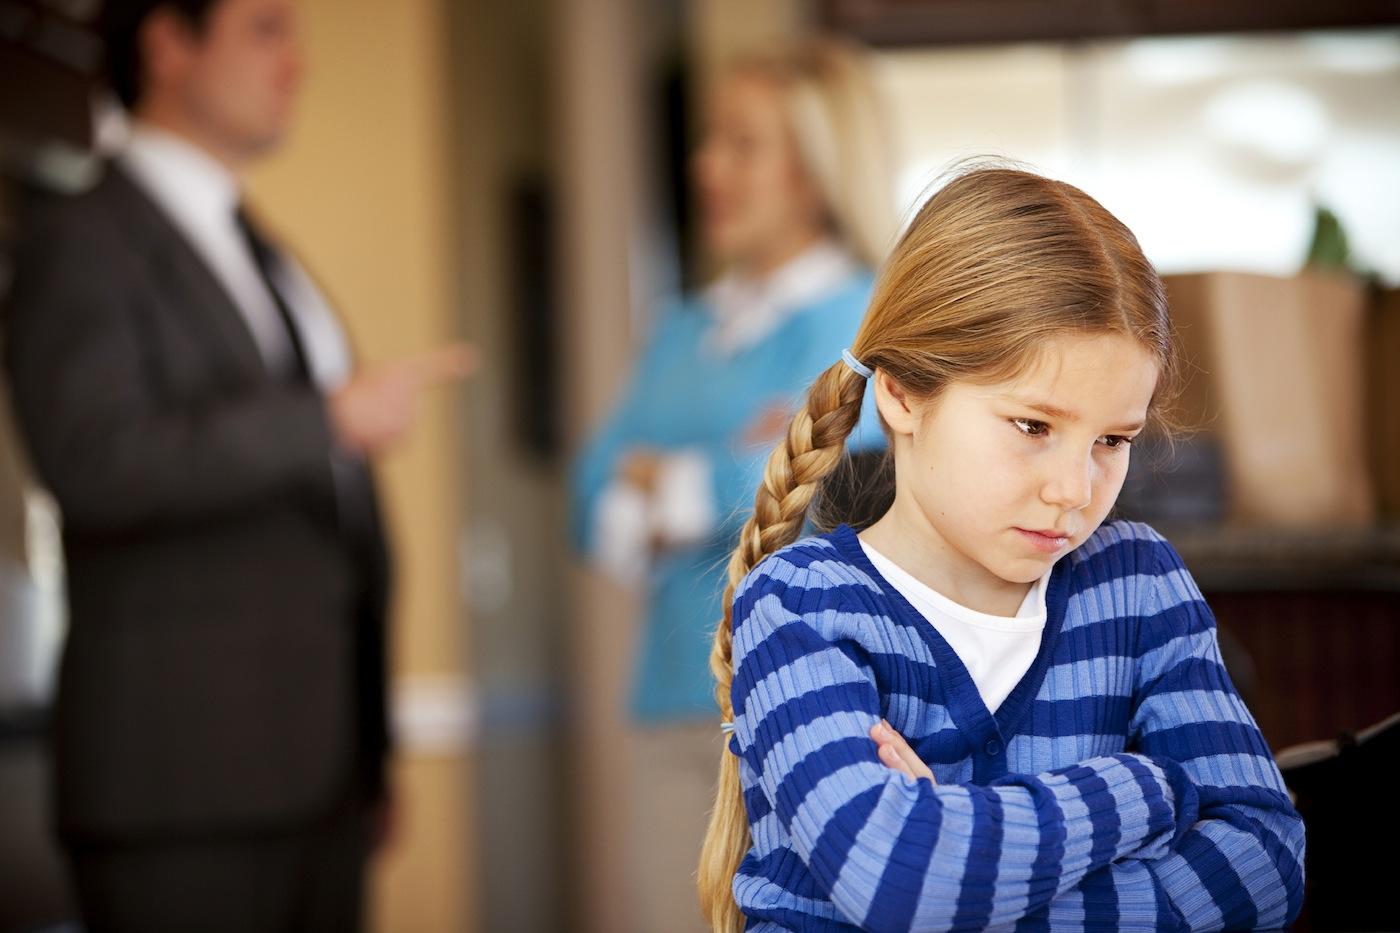 уверен, у кого после развода остаются дети собой, она